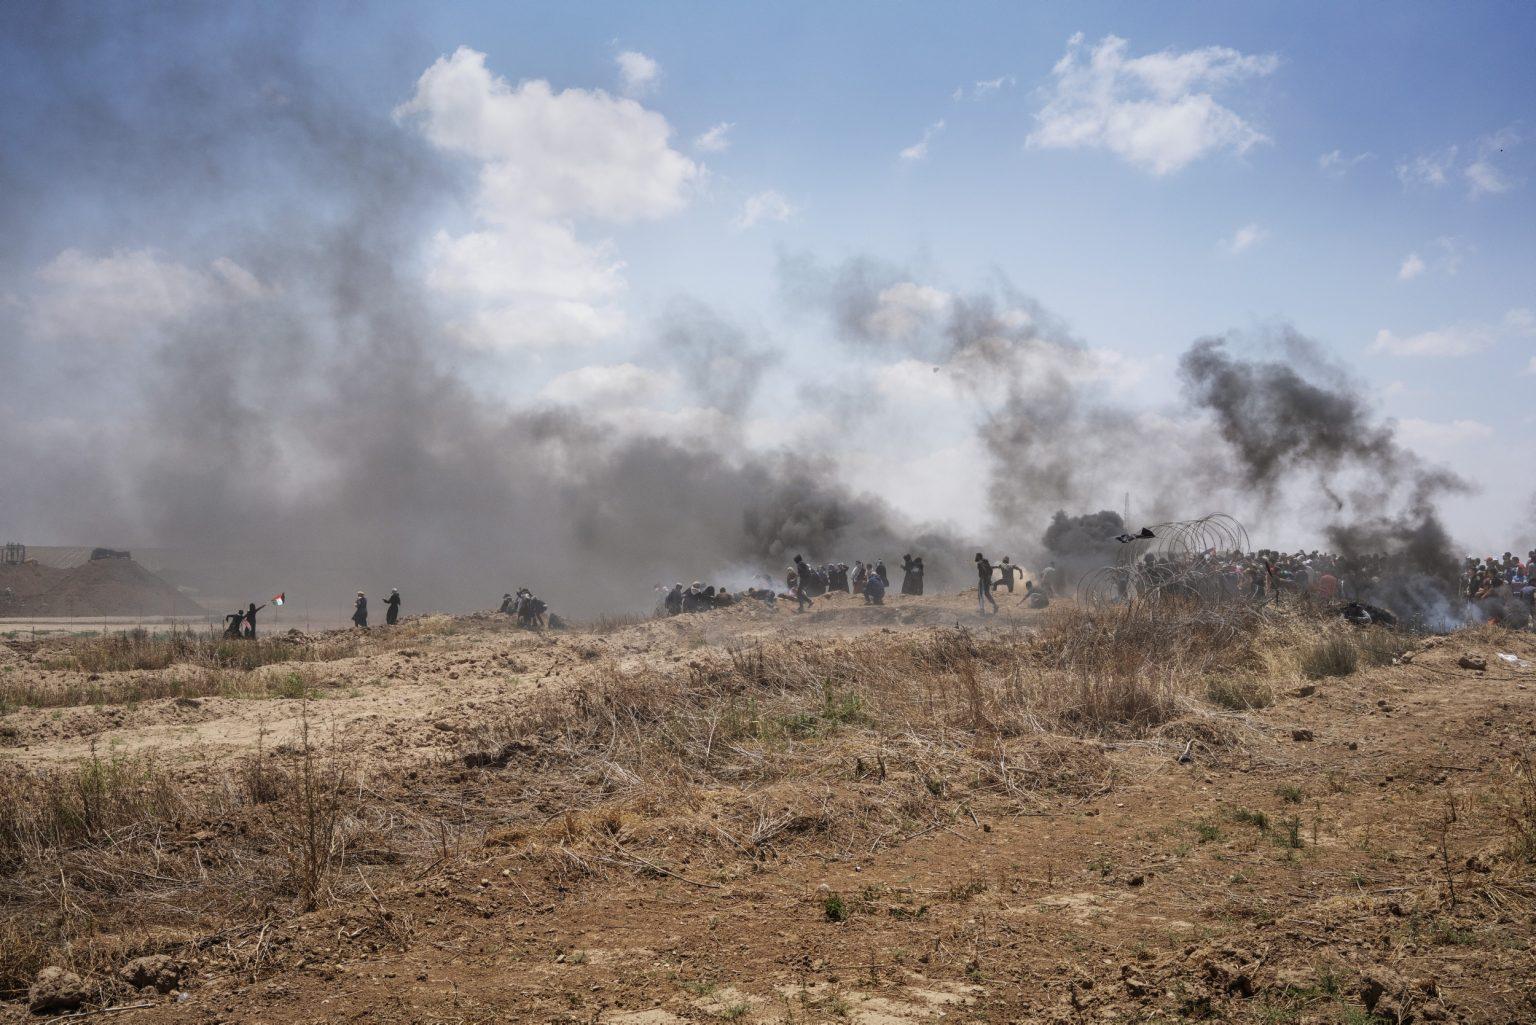 Gaza Strip, May 2018 - Palestinians, including a group of women, near the border fence with Israel during the demonstration. >< Striscia di Gaza, maggio 2018 - Un gruppo di palestinesi, fra cui alcune donne, si avvicinano alle recinzioni lungo il confine tra Gaza e Israele.